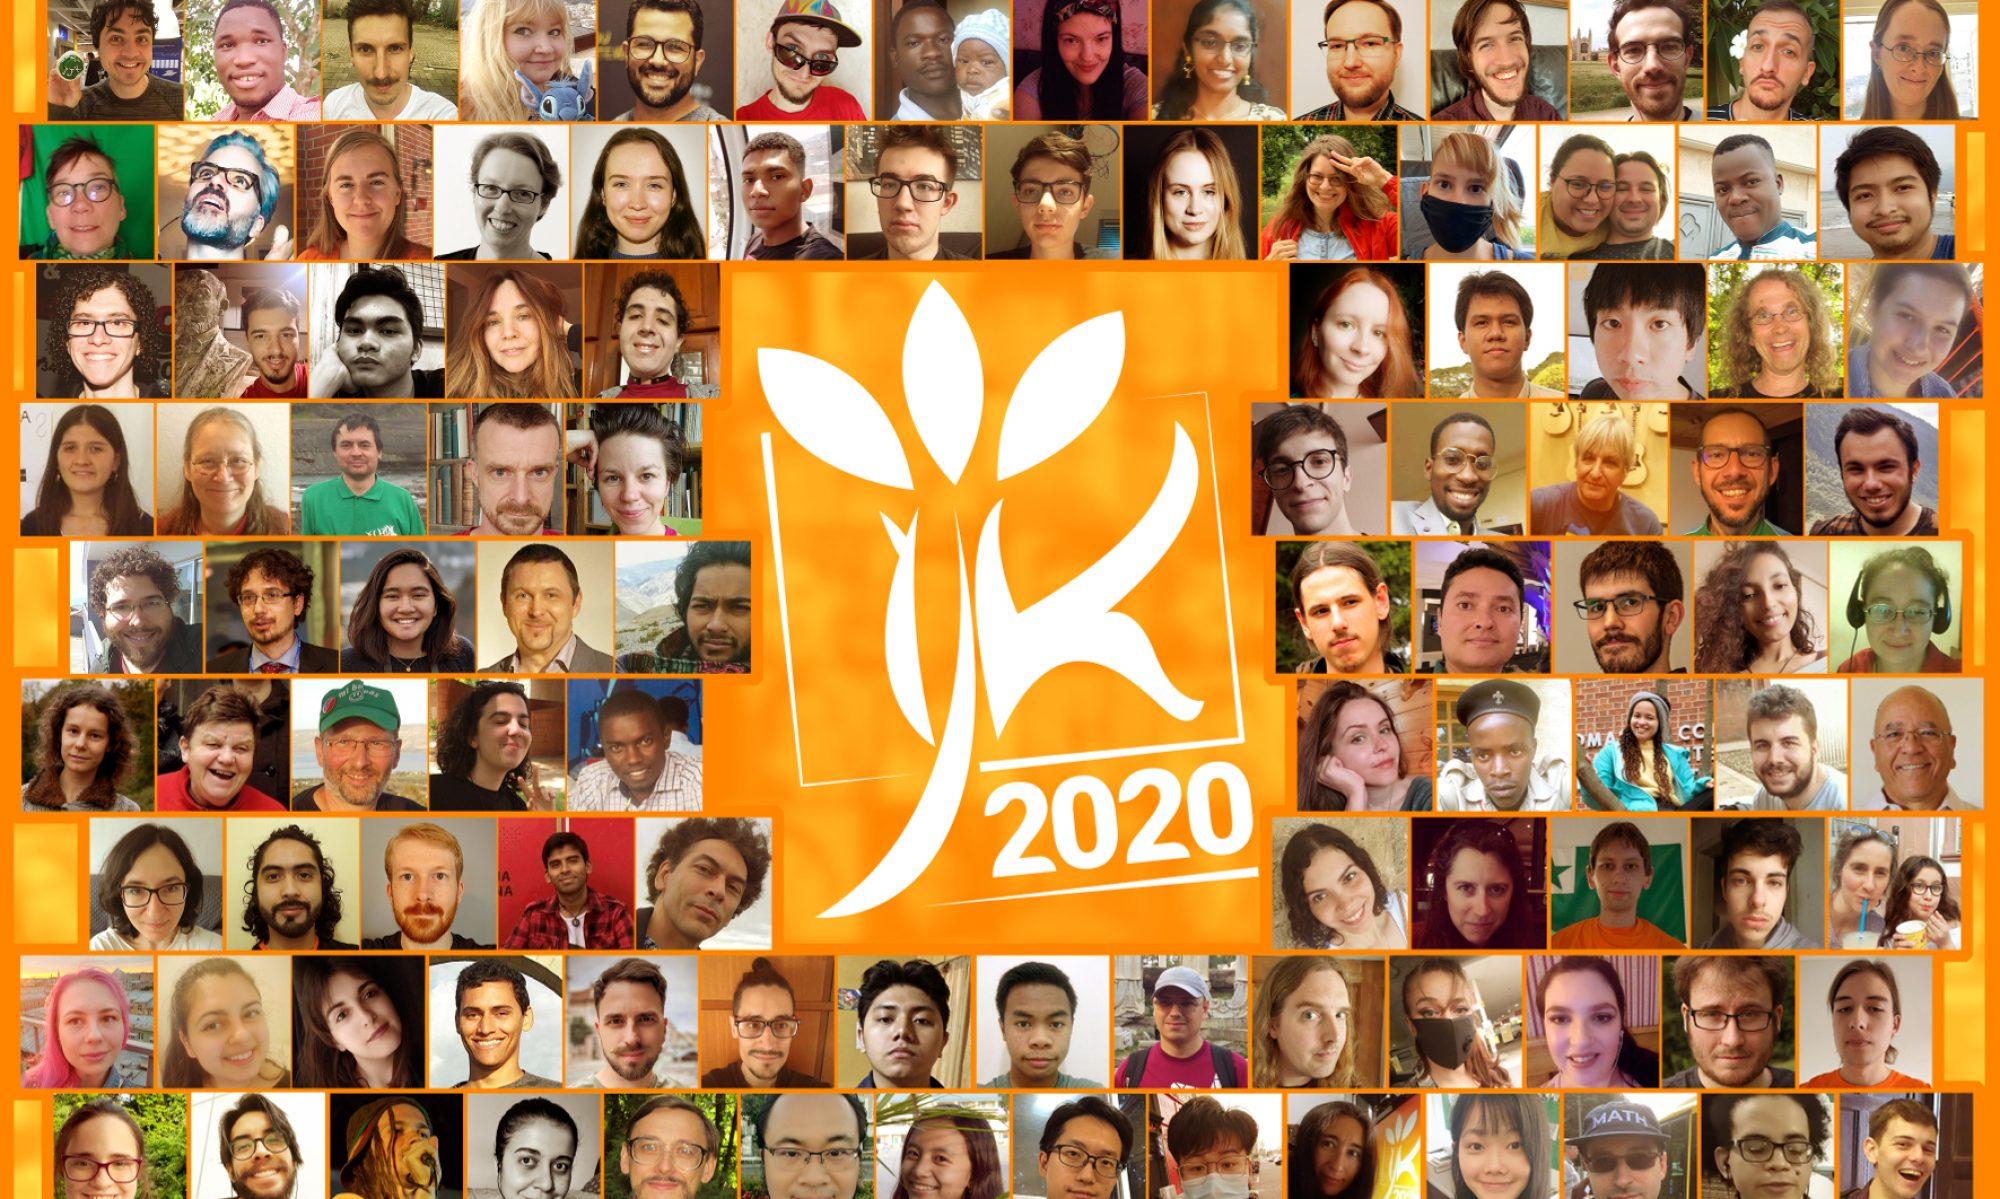 IJK 2020 en la reto